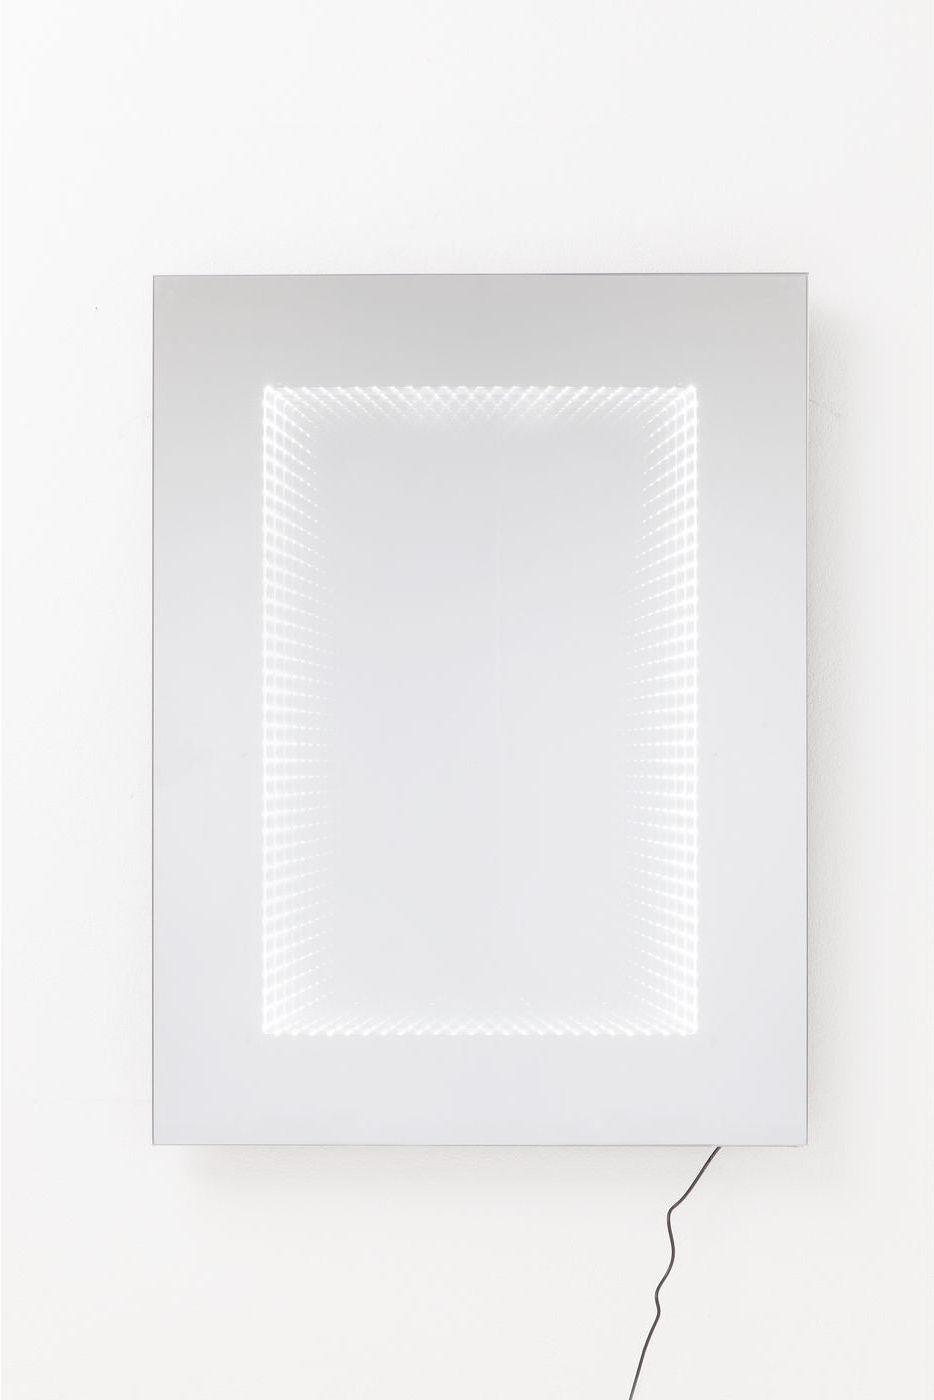 kare design spiegel infinity 120x80cm led meubelen verlichting. Black Bedroom Furniture Sets. Home Design Ideas